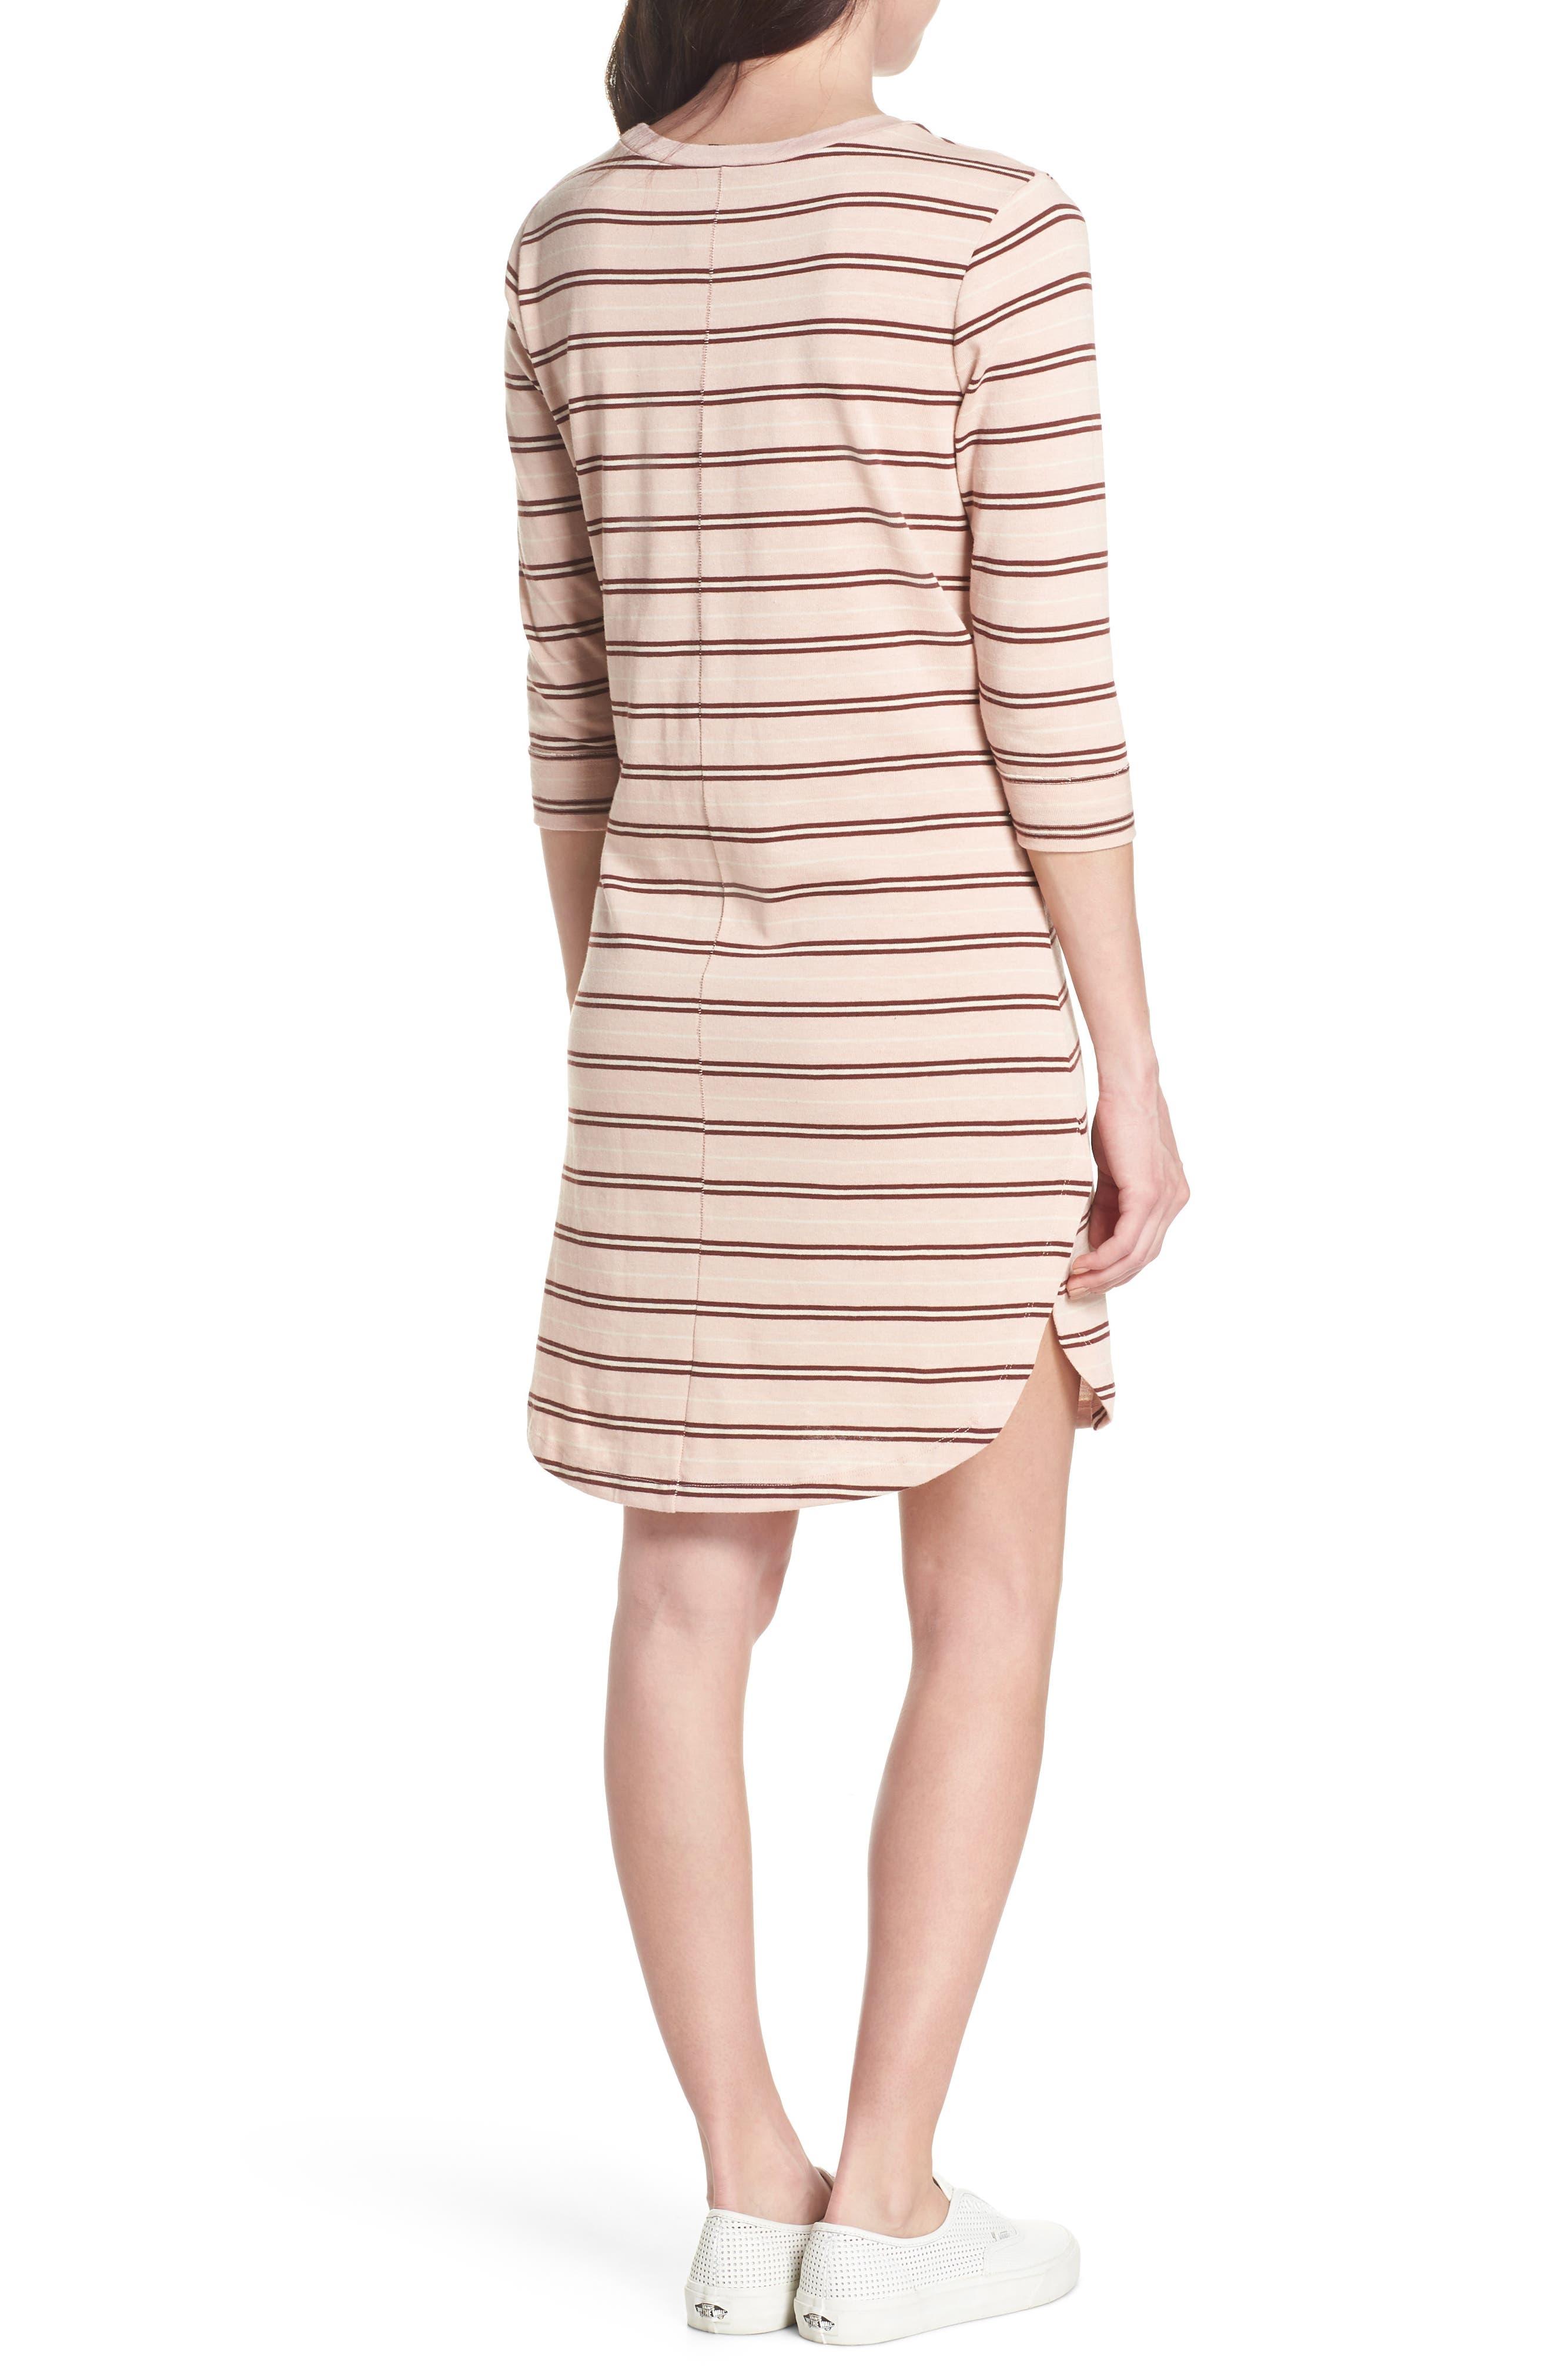 Saul Tunic Dress,                             Alternate thumbnail 2, color,                             Blush 90S Stripe